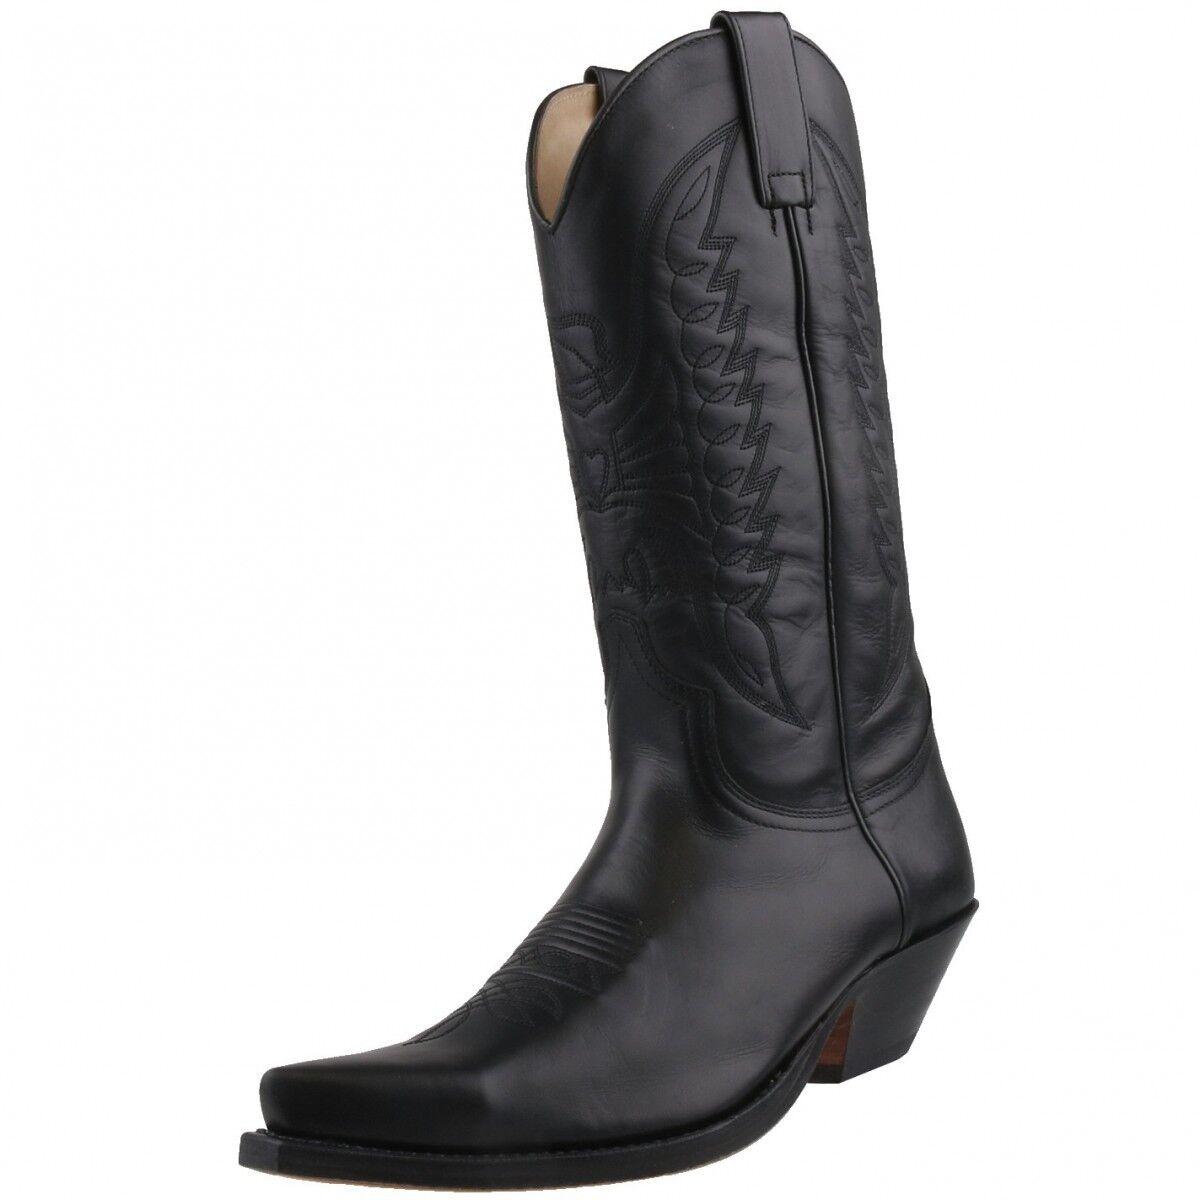 NEUF sendra bottes Chaussures Hommes 2073 Bottes De Cowboy Bottes Chaussures en cuir noir